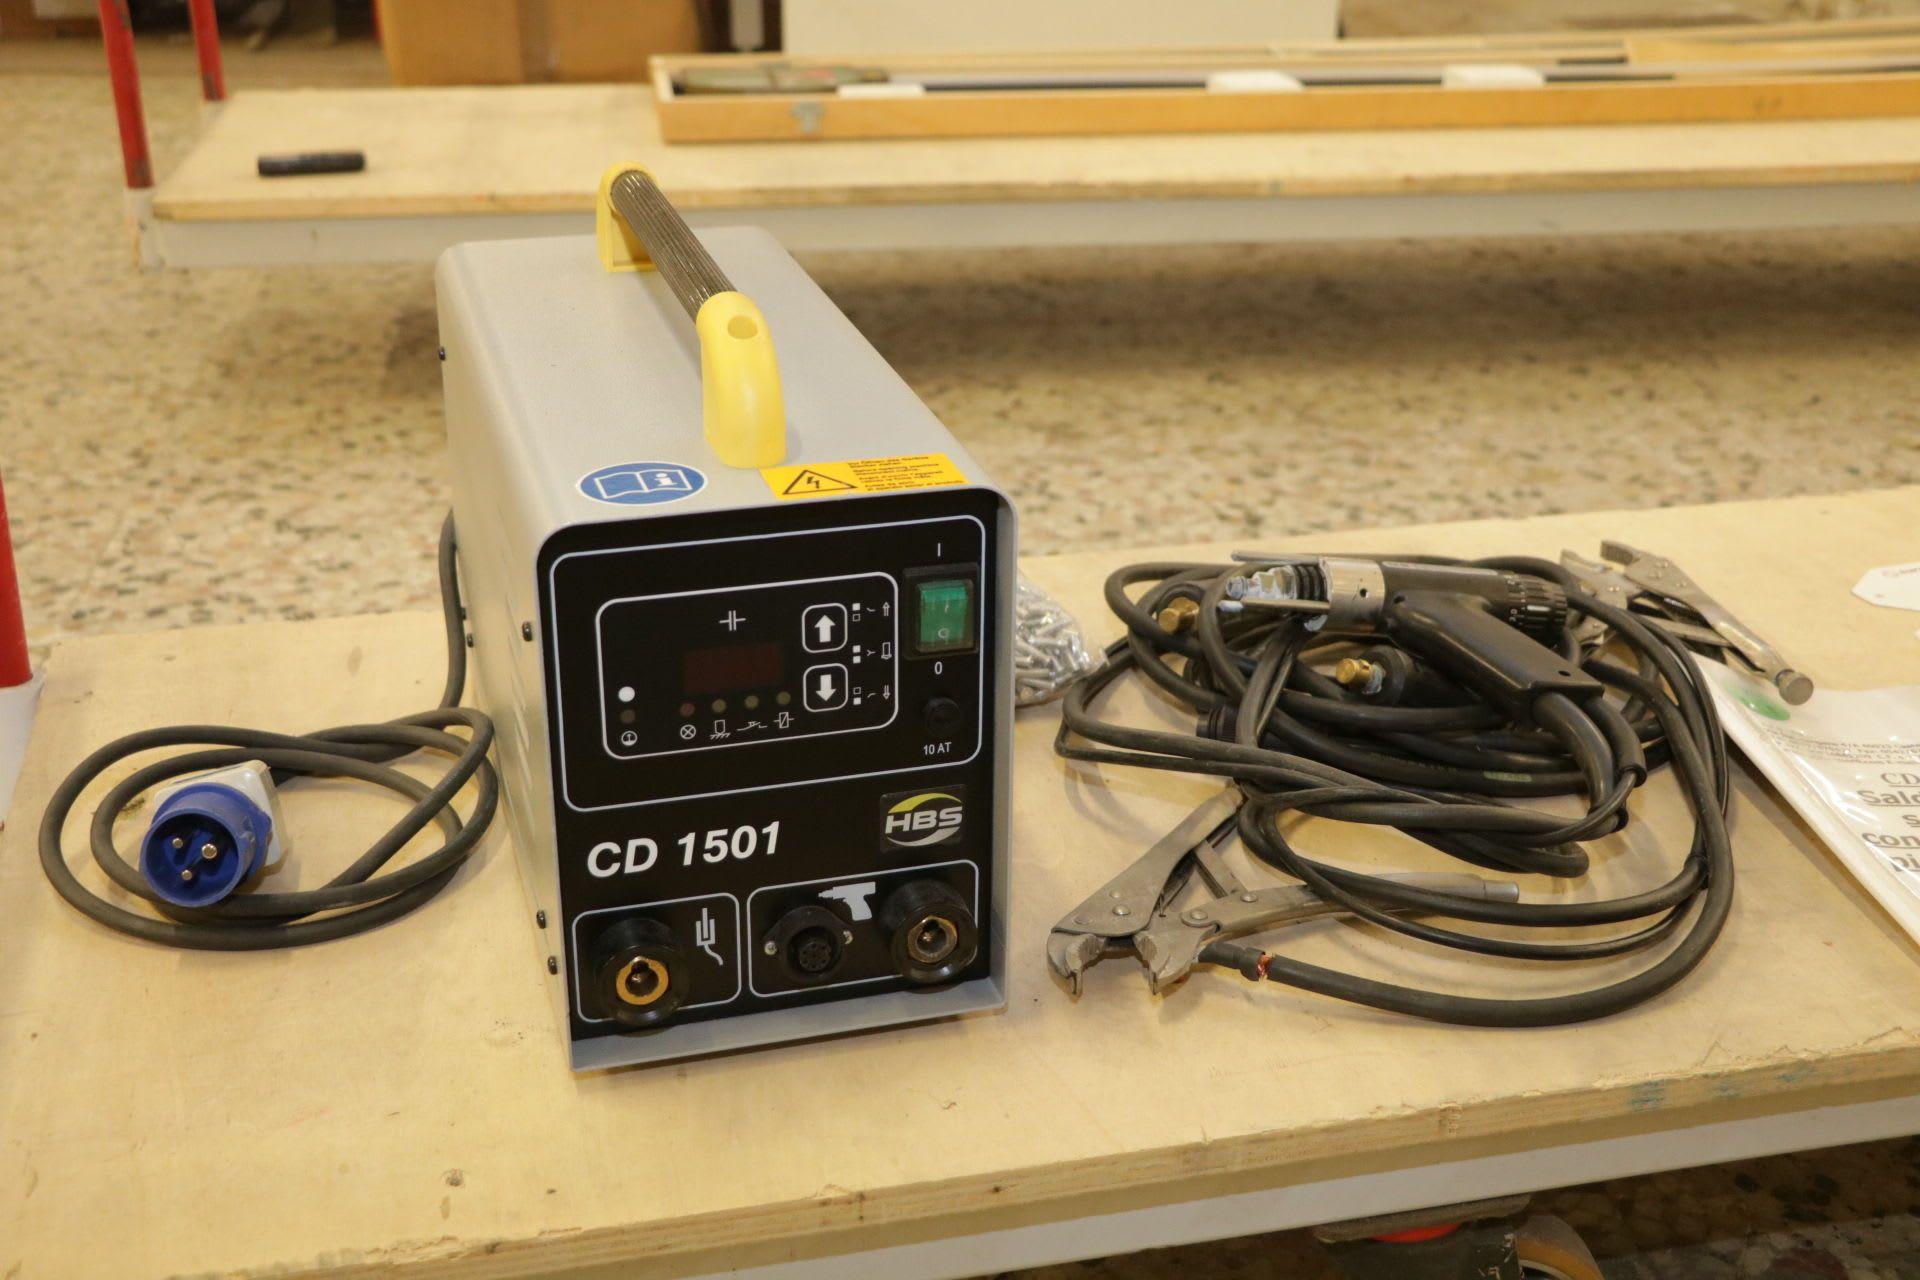 HBS CD1501 Punktschweißmaschine